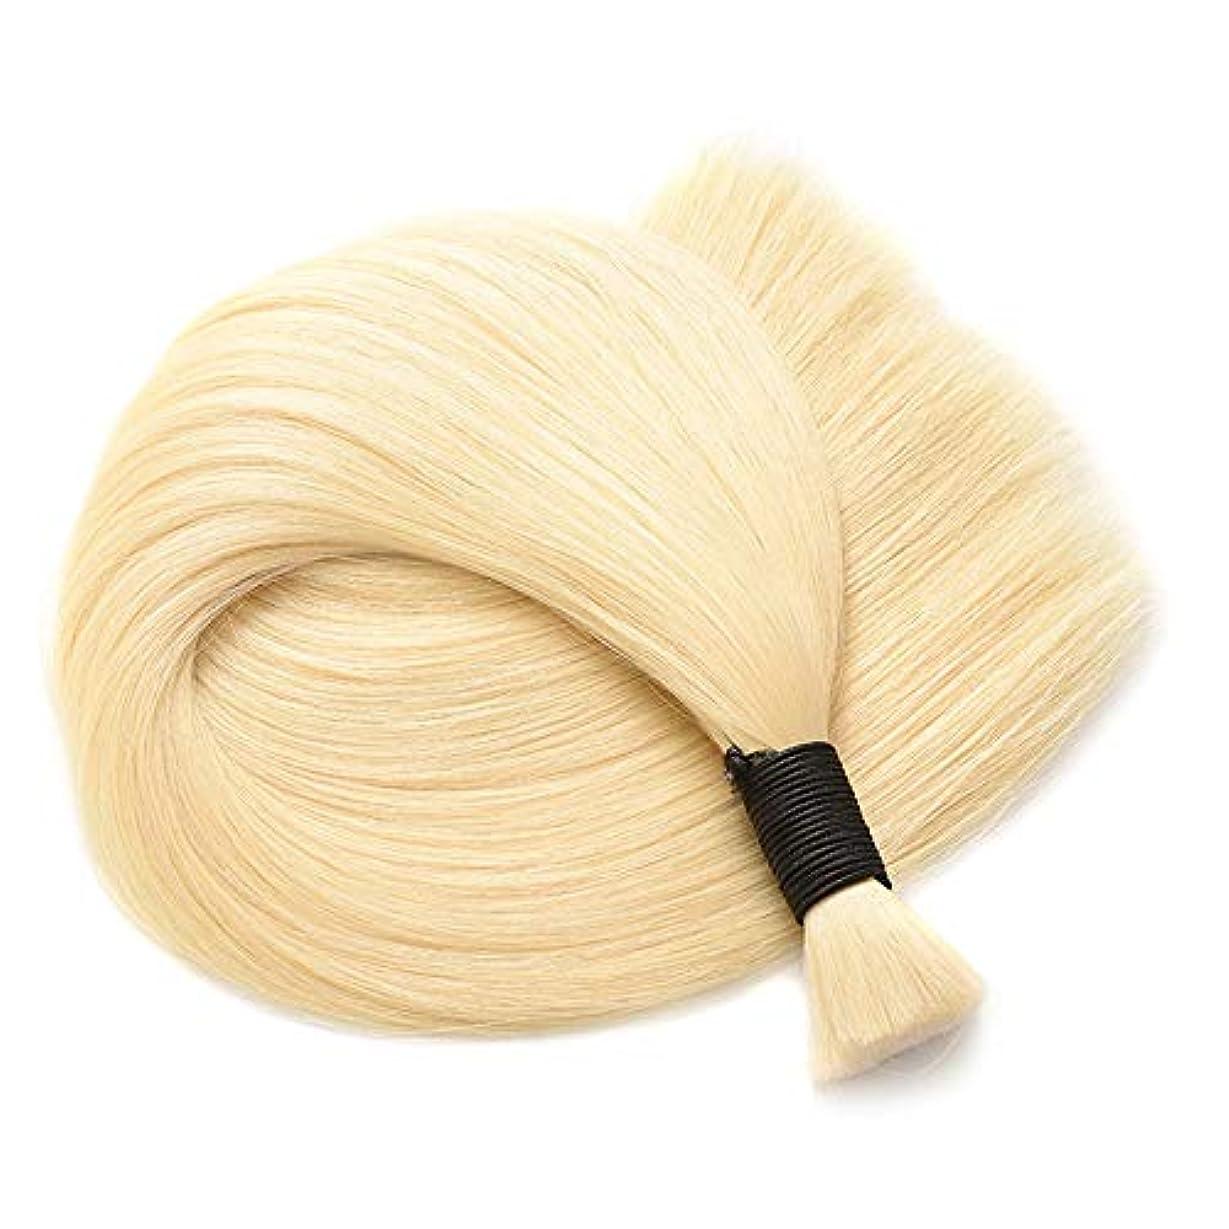 見せます敬誇張WASAIO ヘアエクステンションクリップのシームレスな人間の髪の拡張機能ブロンドナノビーズヘアエクステンション有形ストレート髪の100グラム/パックゴールド (色 : Blonde, サイズ : 16 inch)